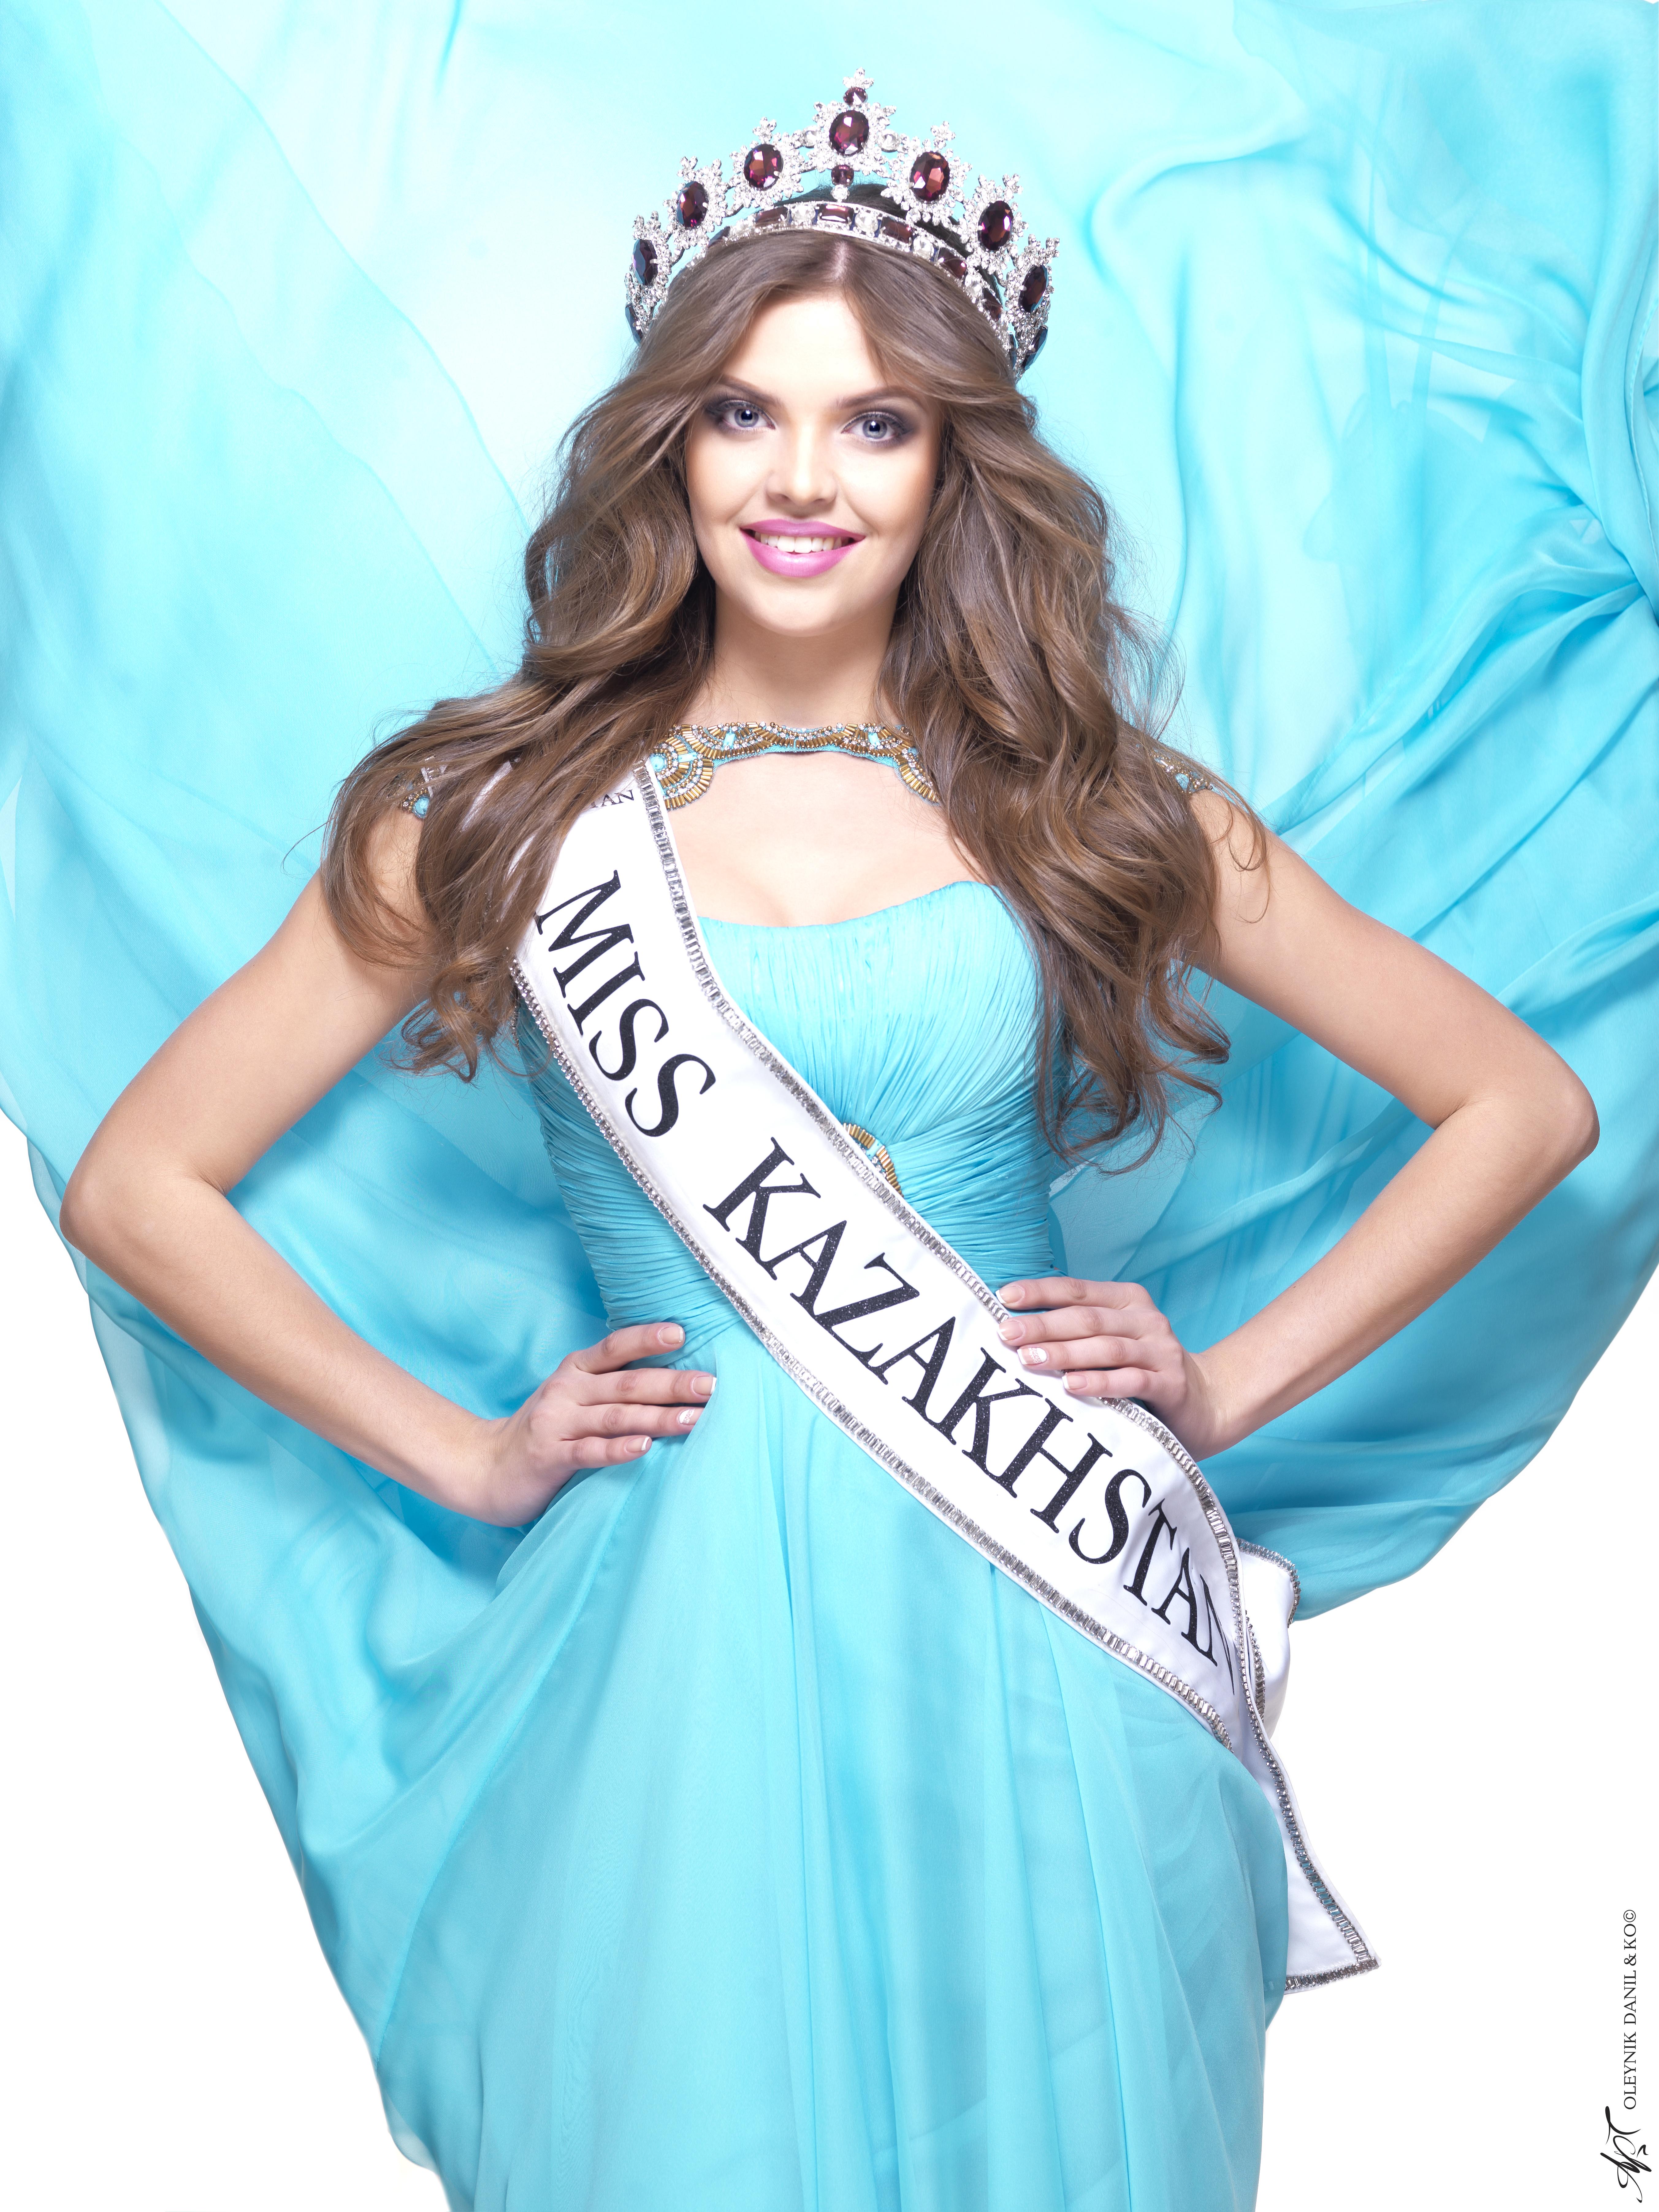 что казахстан конкурсы красоты фото мисс отличается